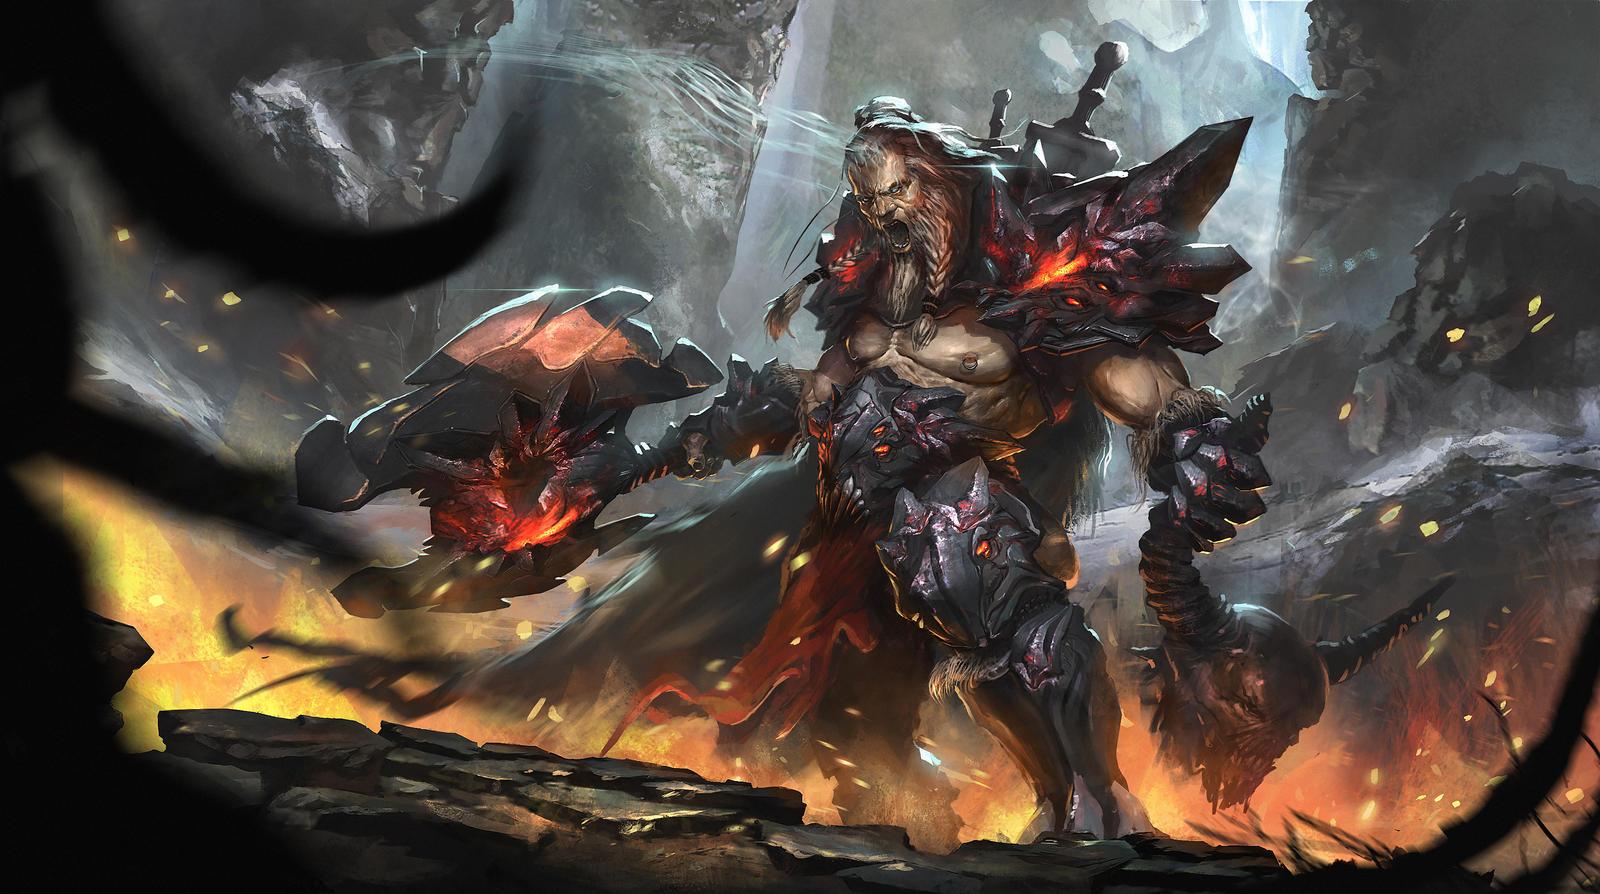 Diablo 3 - Barbarian by Nookiew